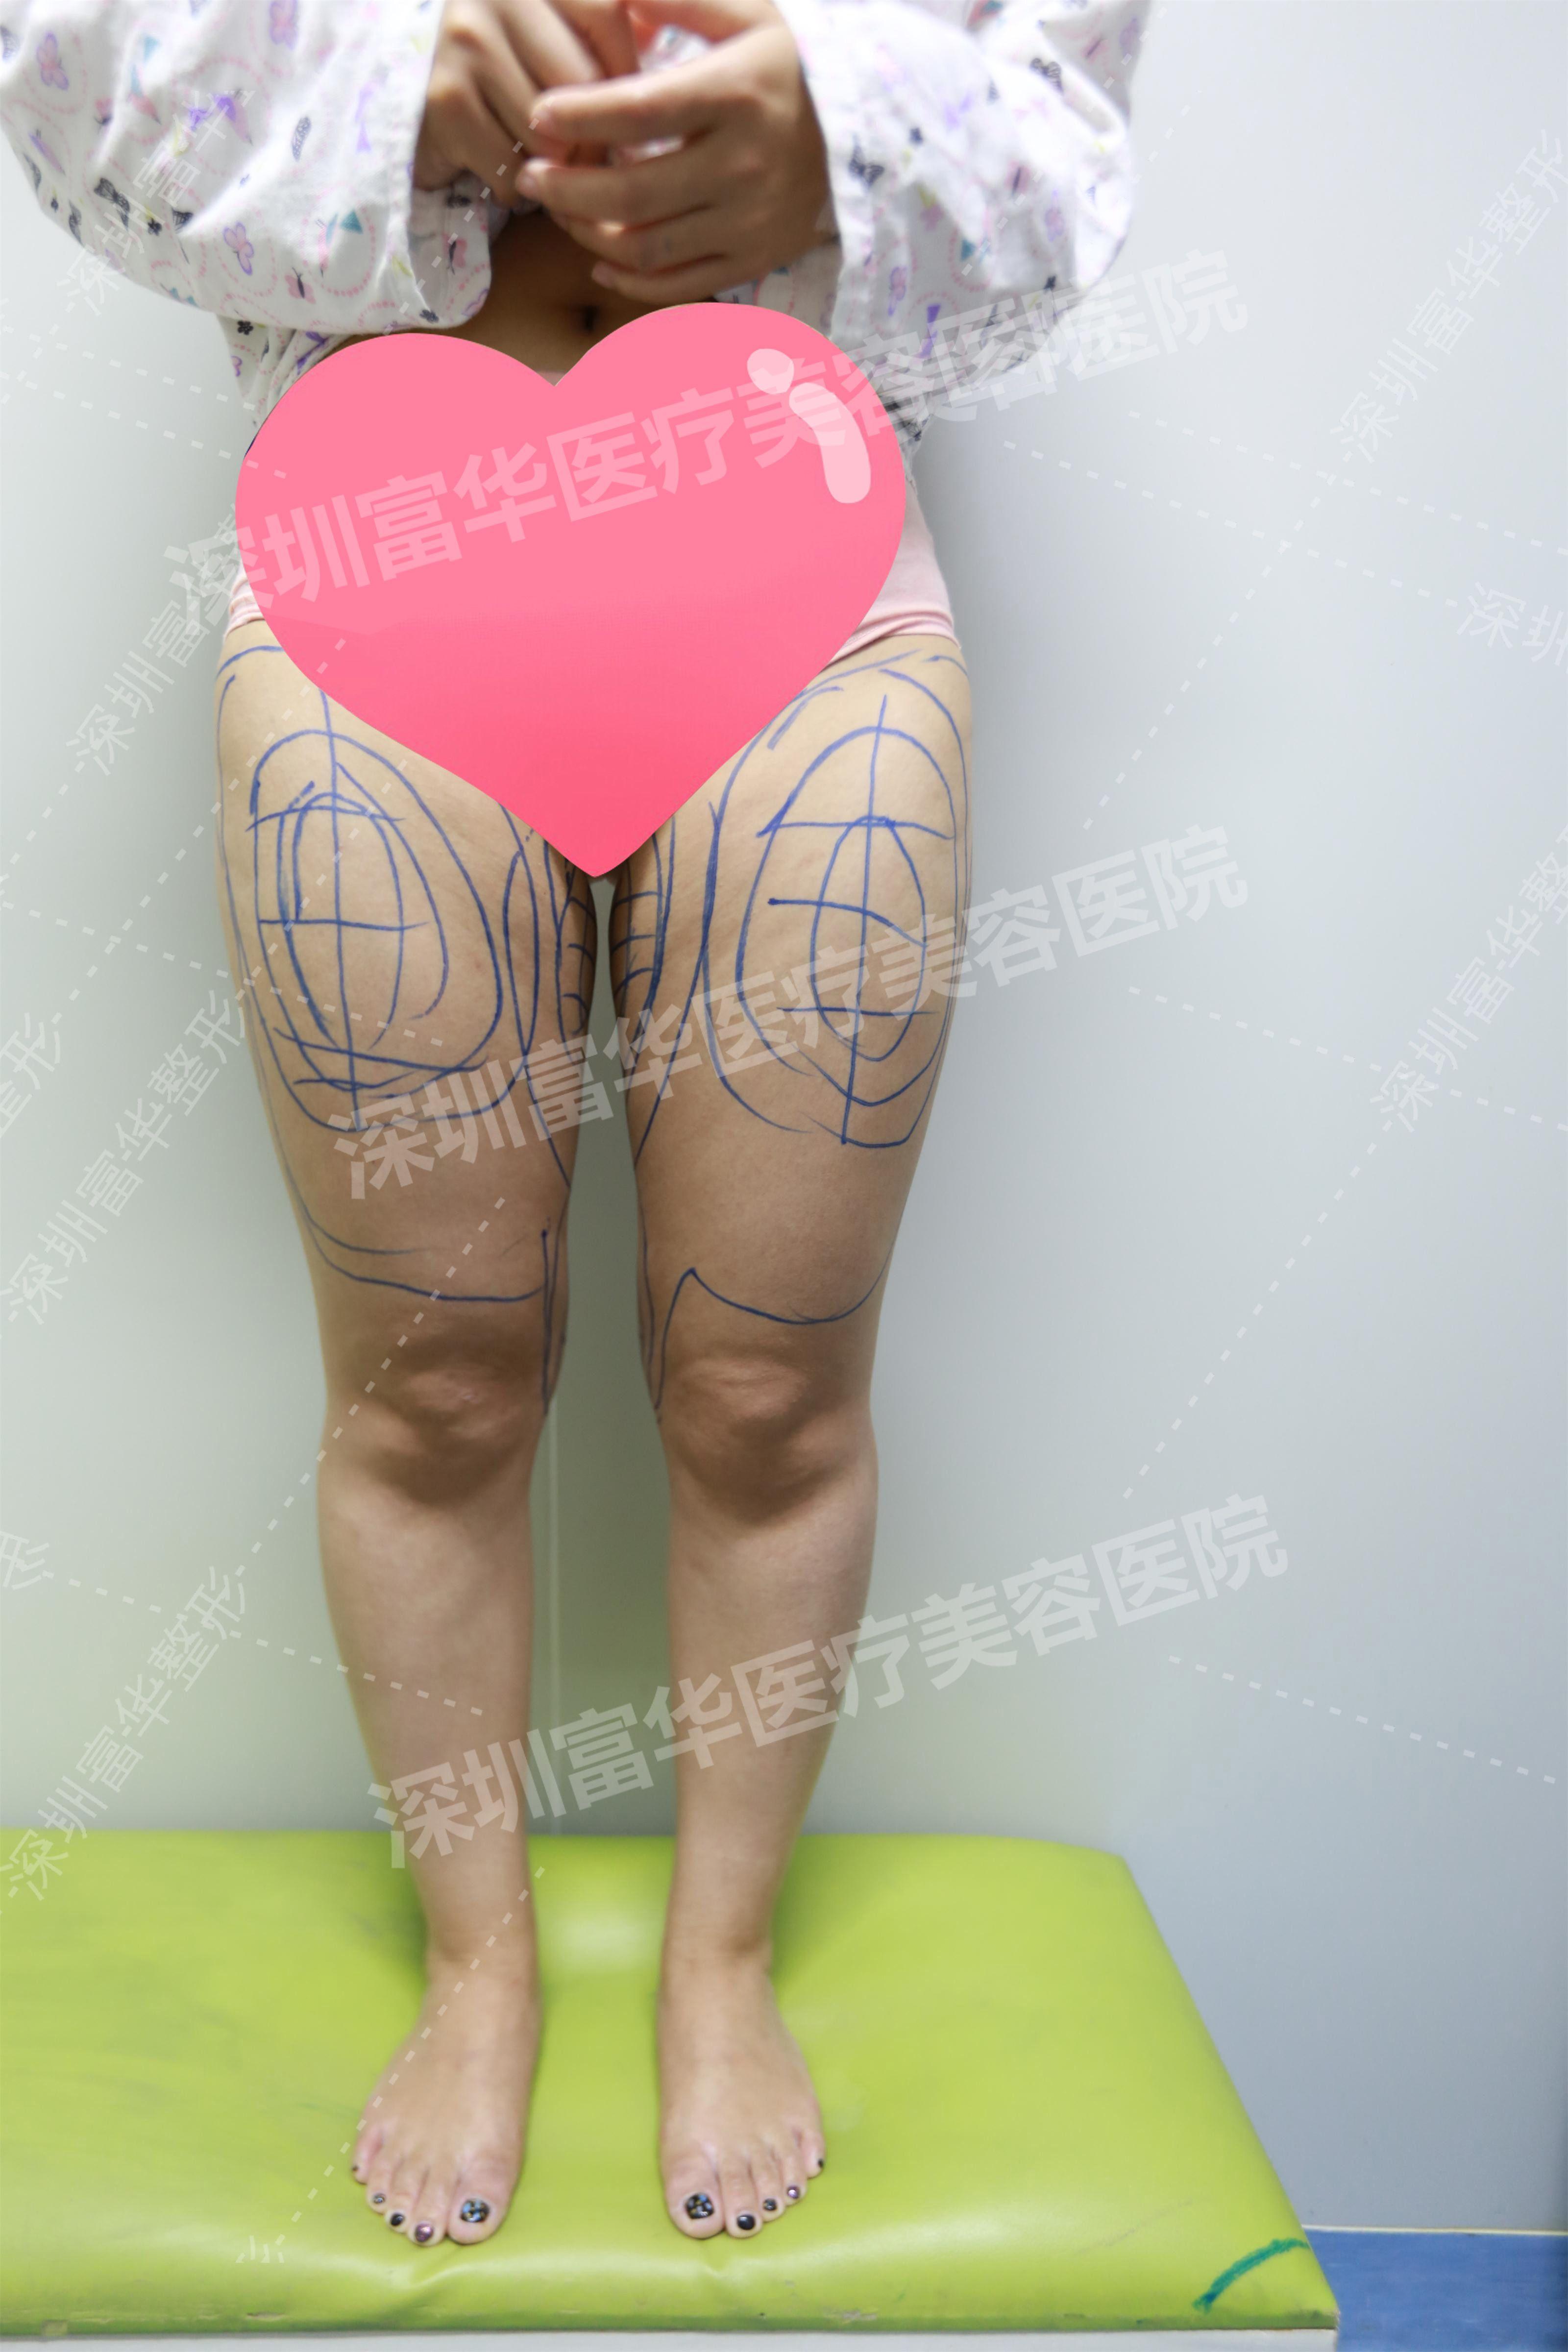 【吸脂】大腿環吸,大腿更精致 項目分類:美體塑形 吸脂